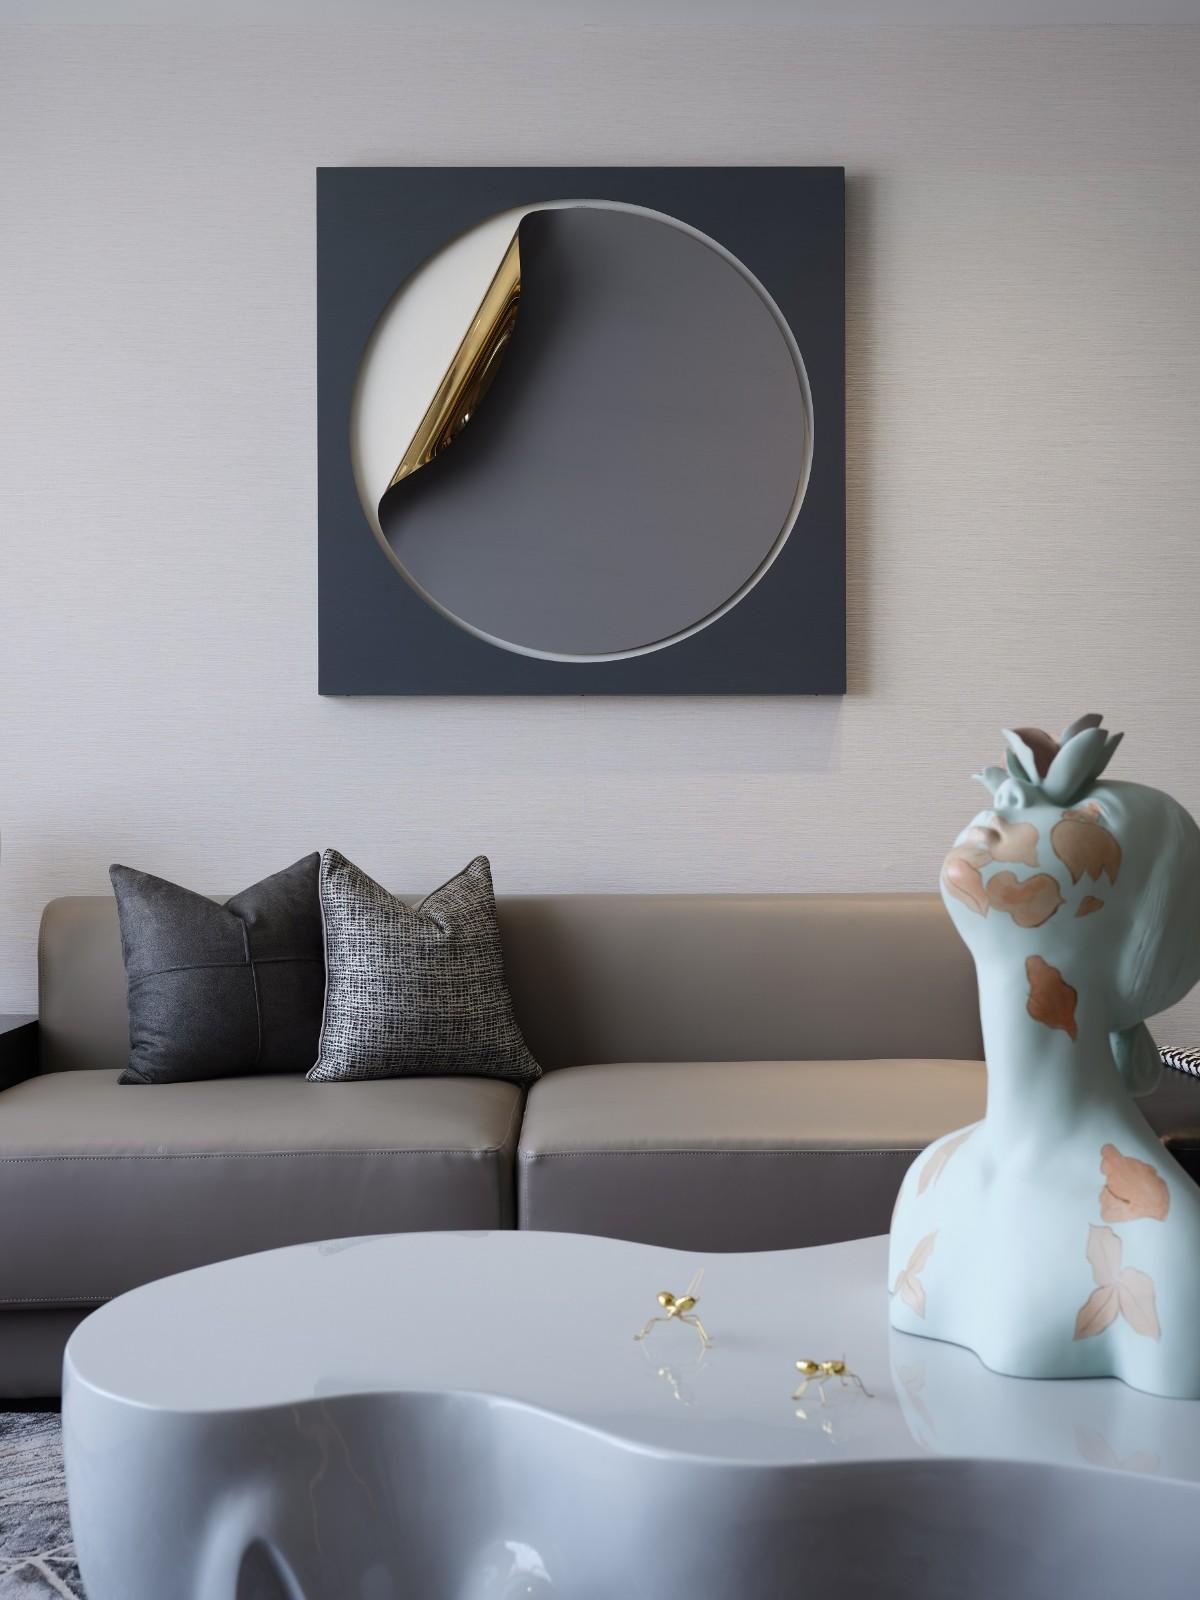 115㎡现代简约沙发墙装修效果图